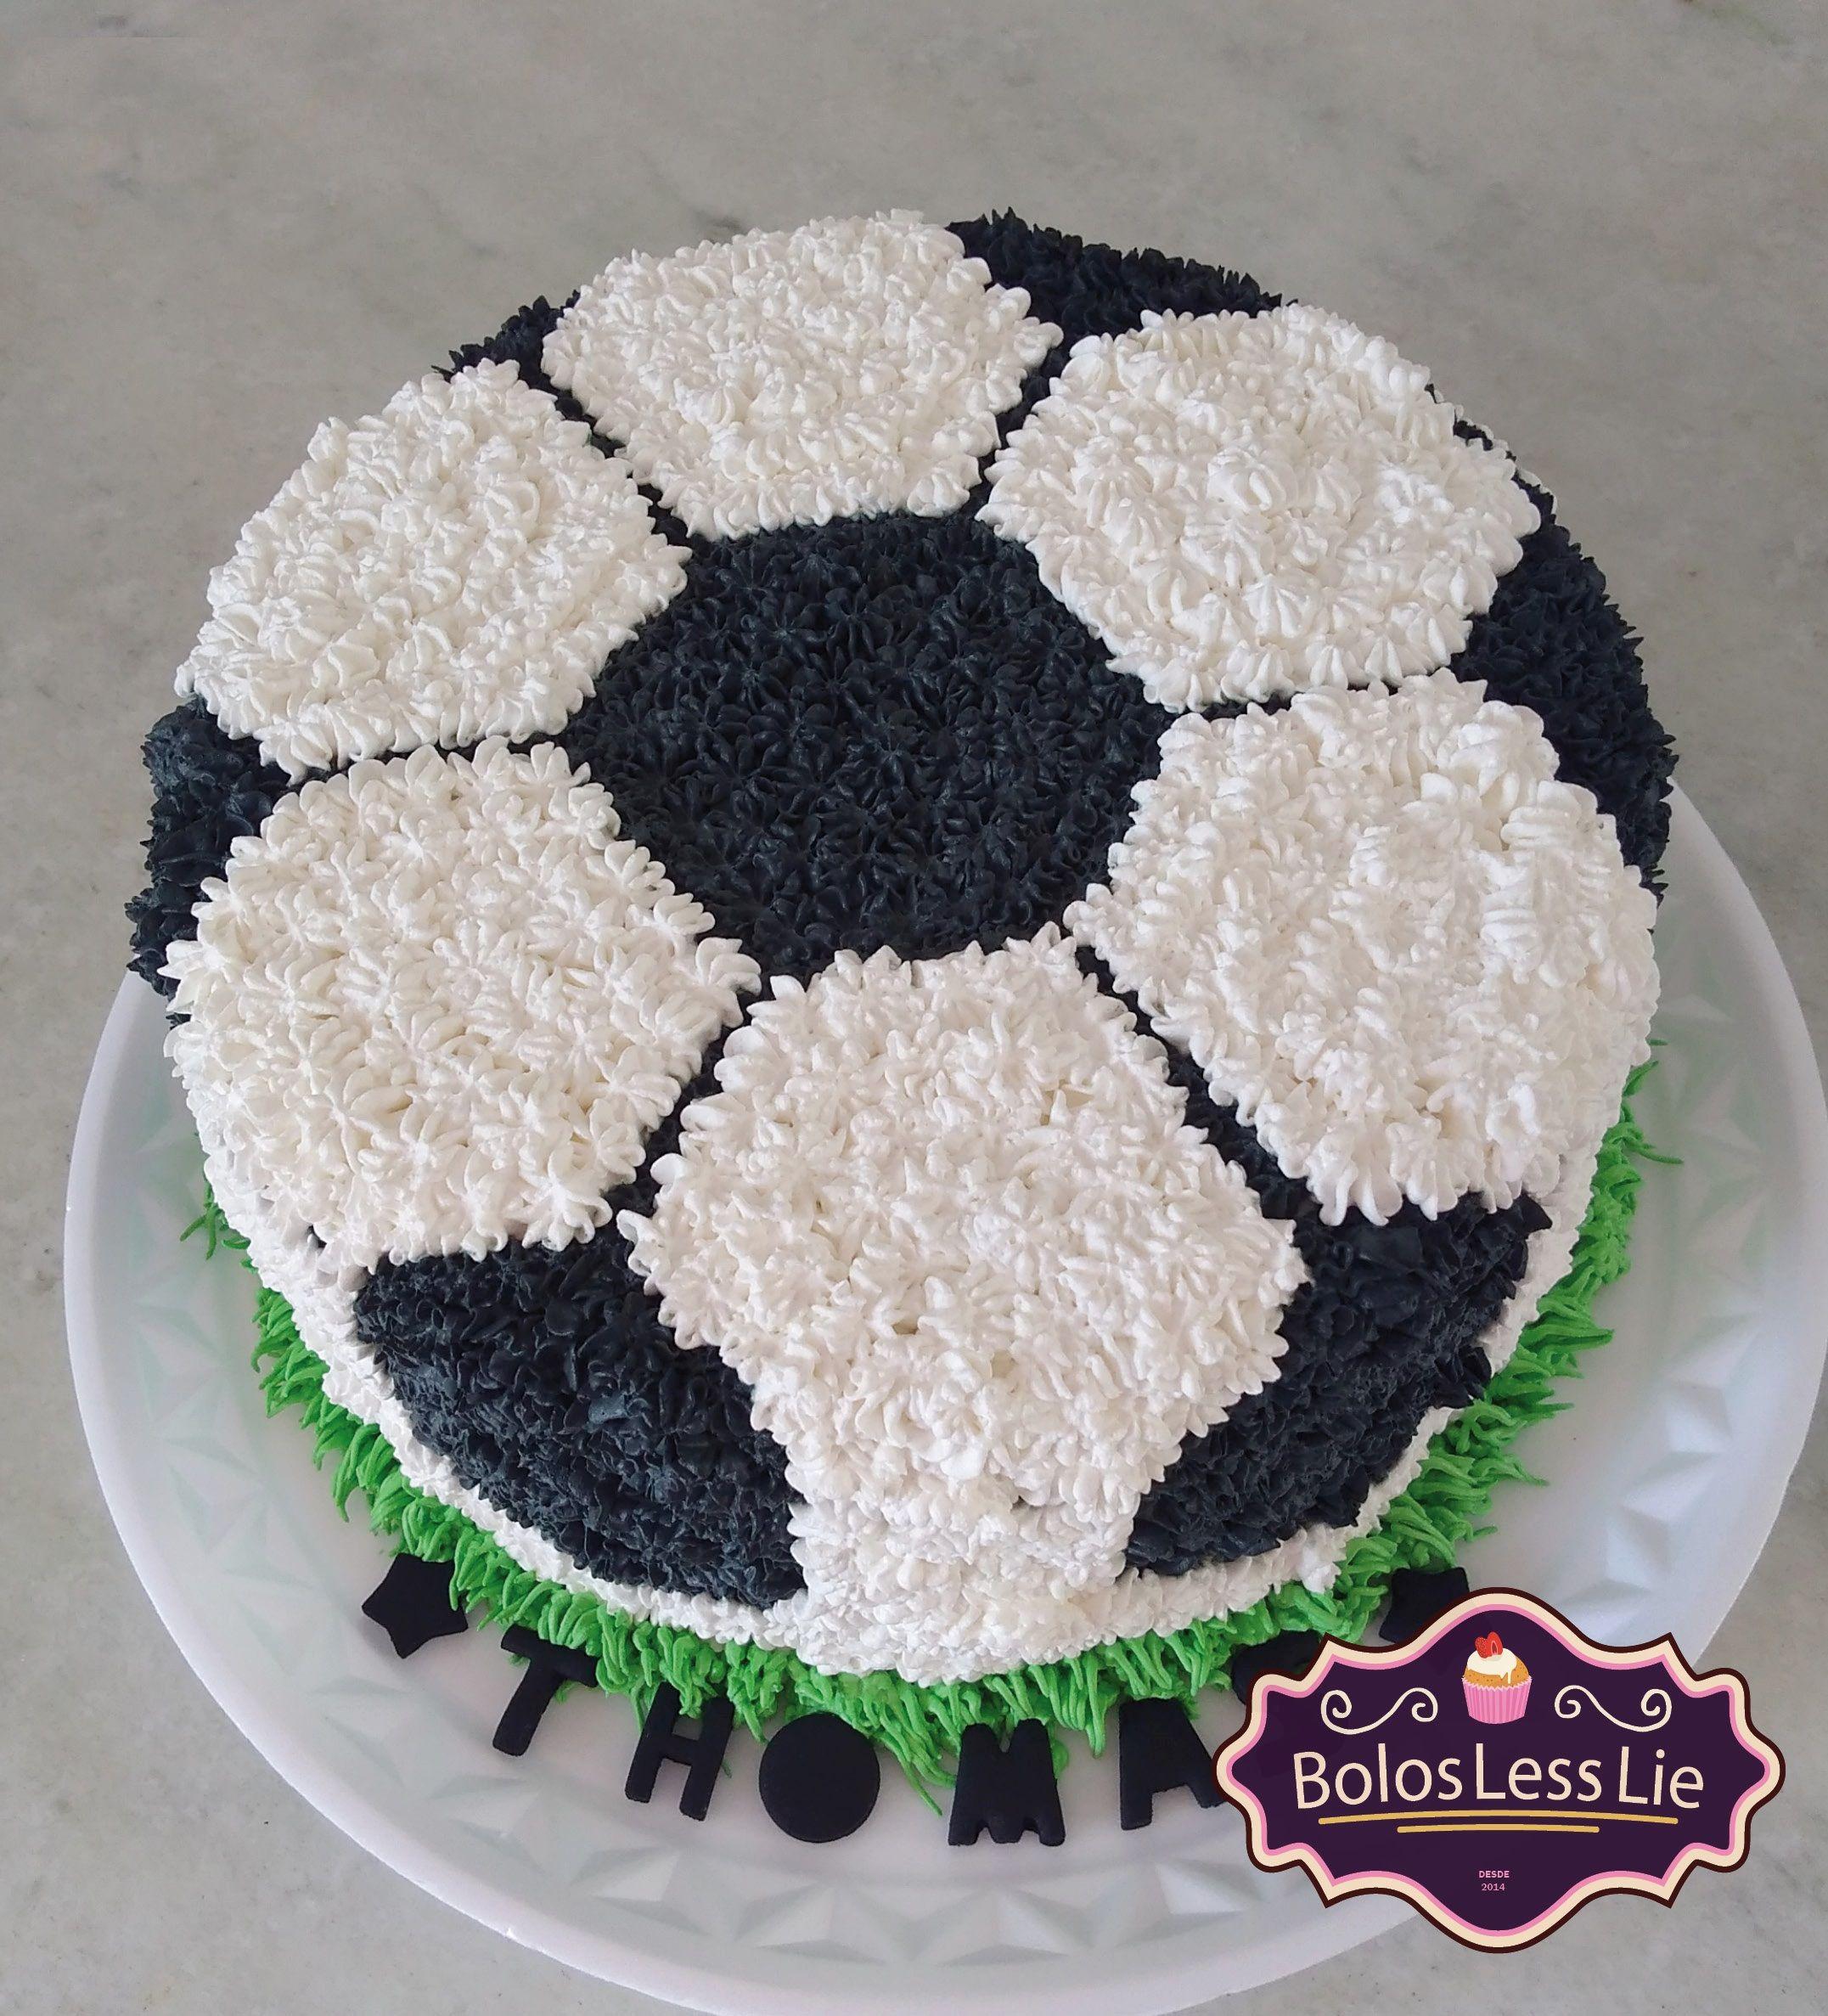 Bolo Bola De Futebol Chantilly Bolo De Aniversario Futebol